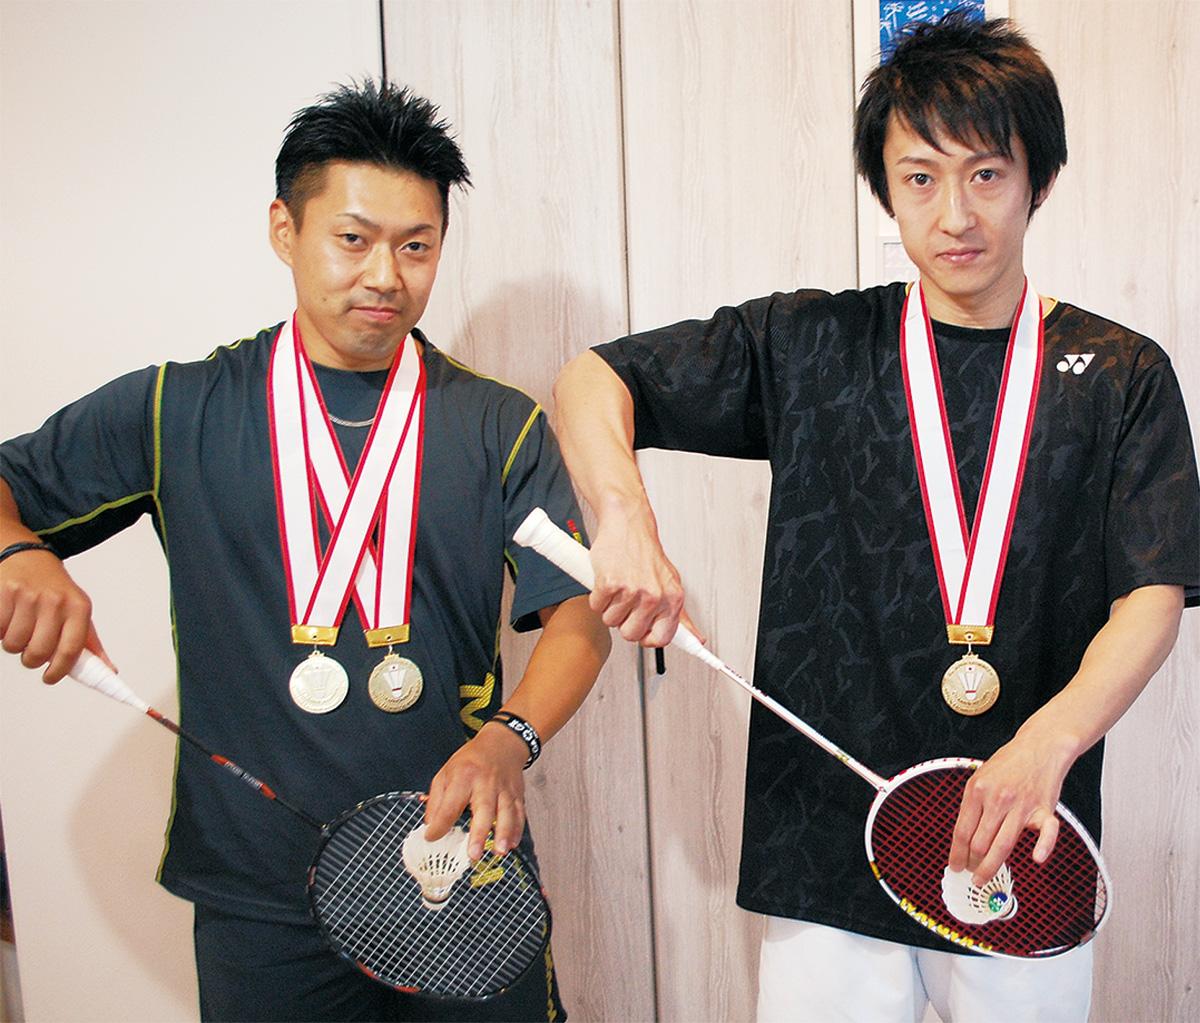 優勝した熊倉さん(左)・宮下さん(右)